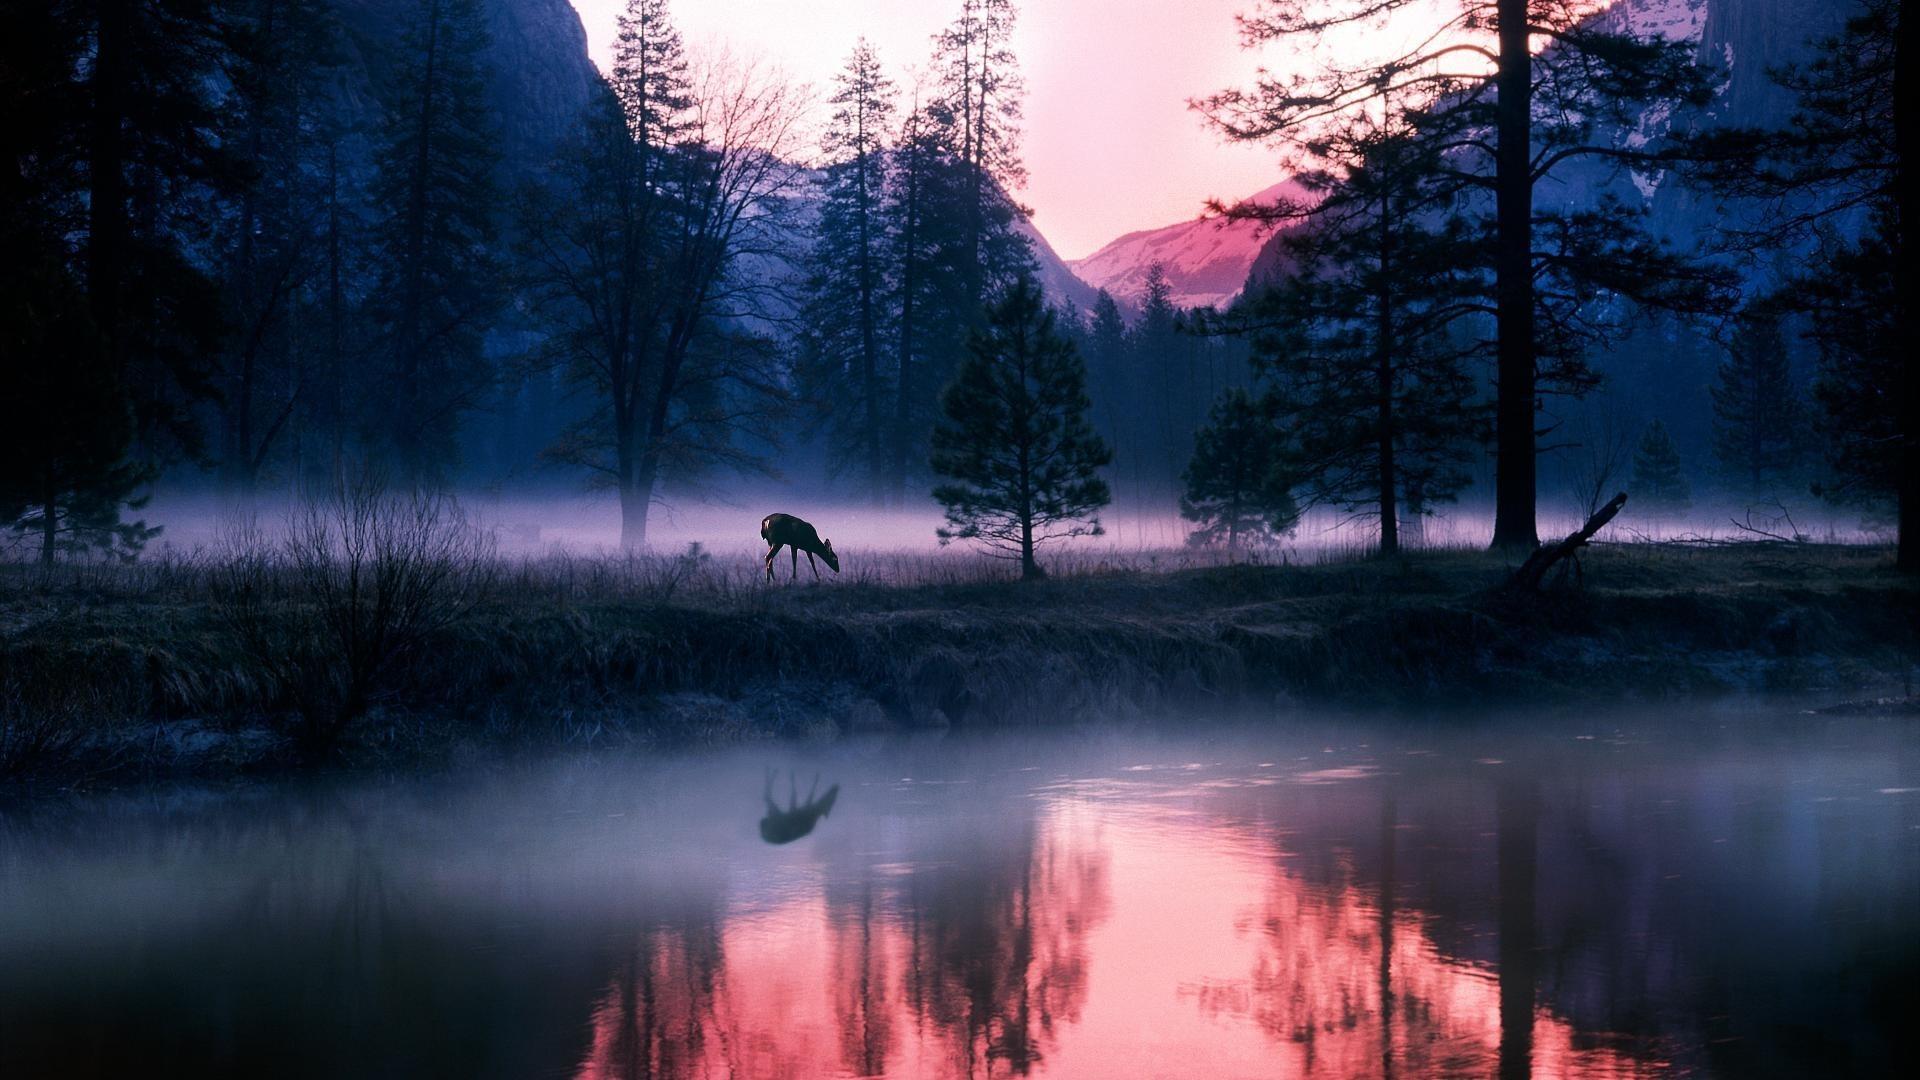 Лес озеро деревья  № 2404453 бесплатно